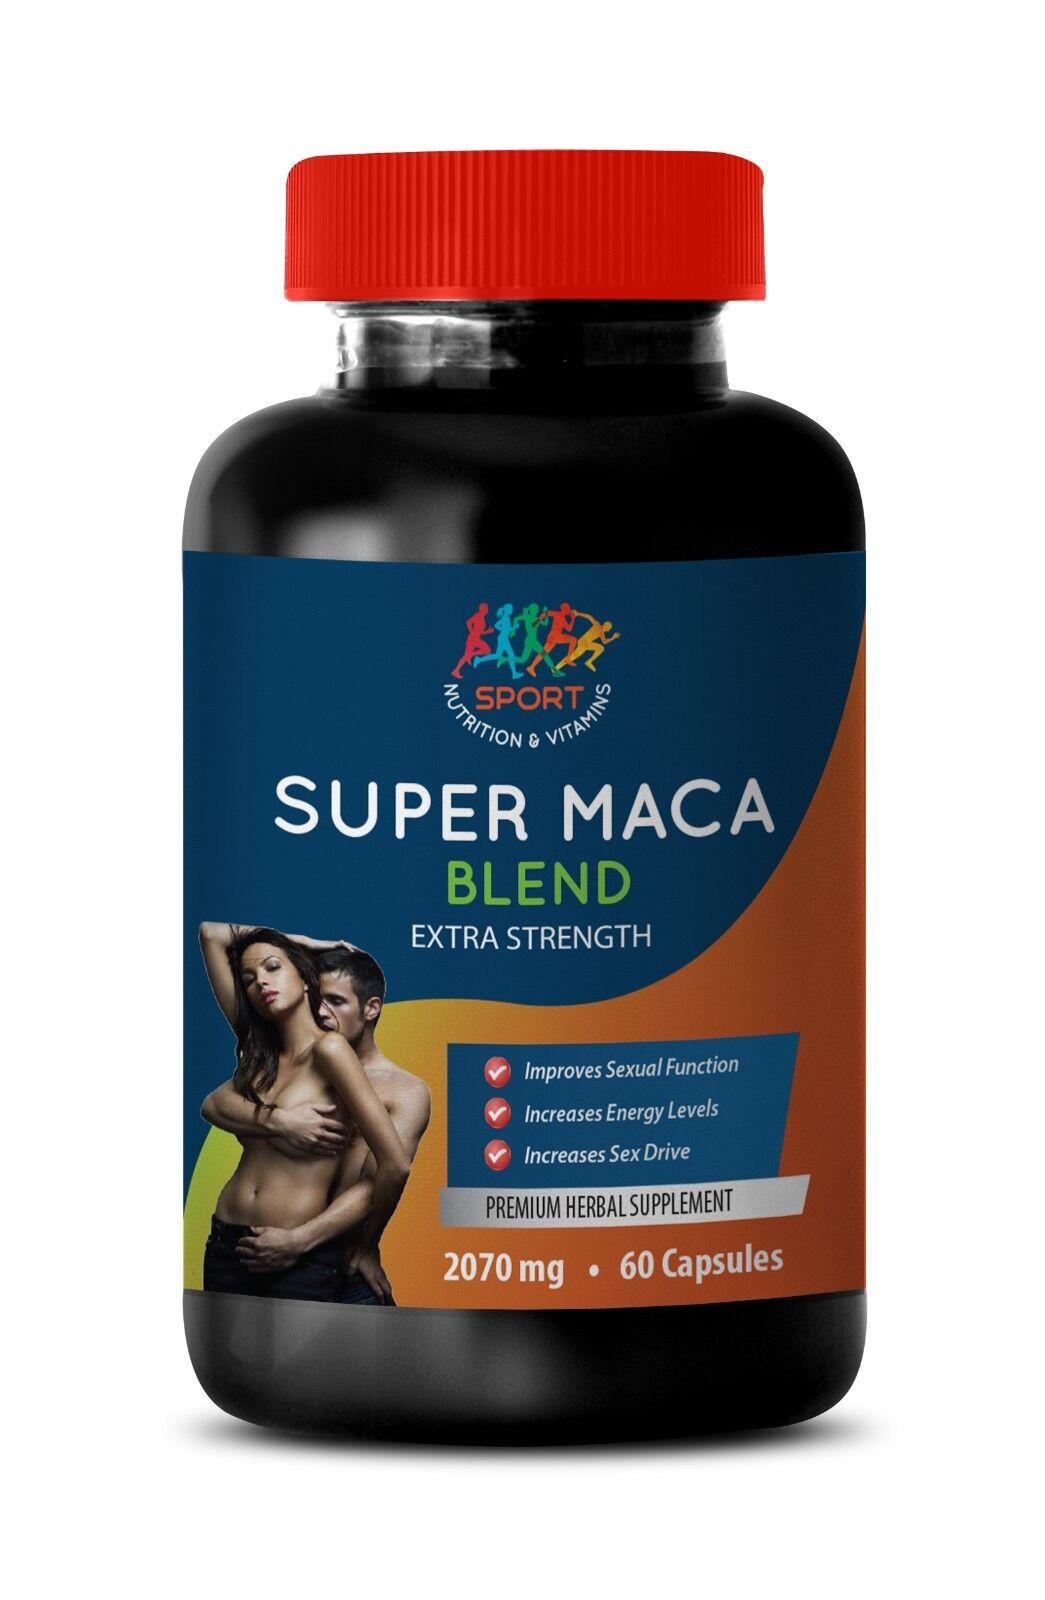 sex pills for men, Super Maca Blend 2070mg, peruvian ginseng